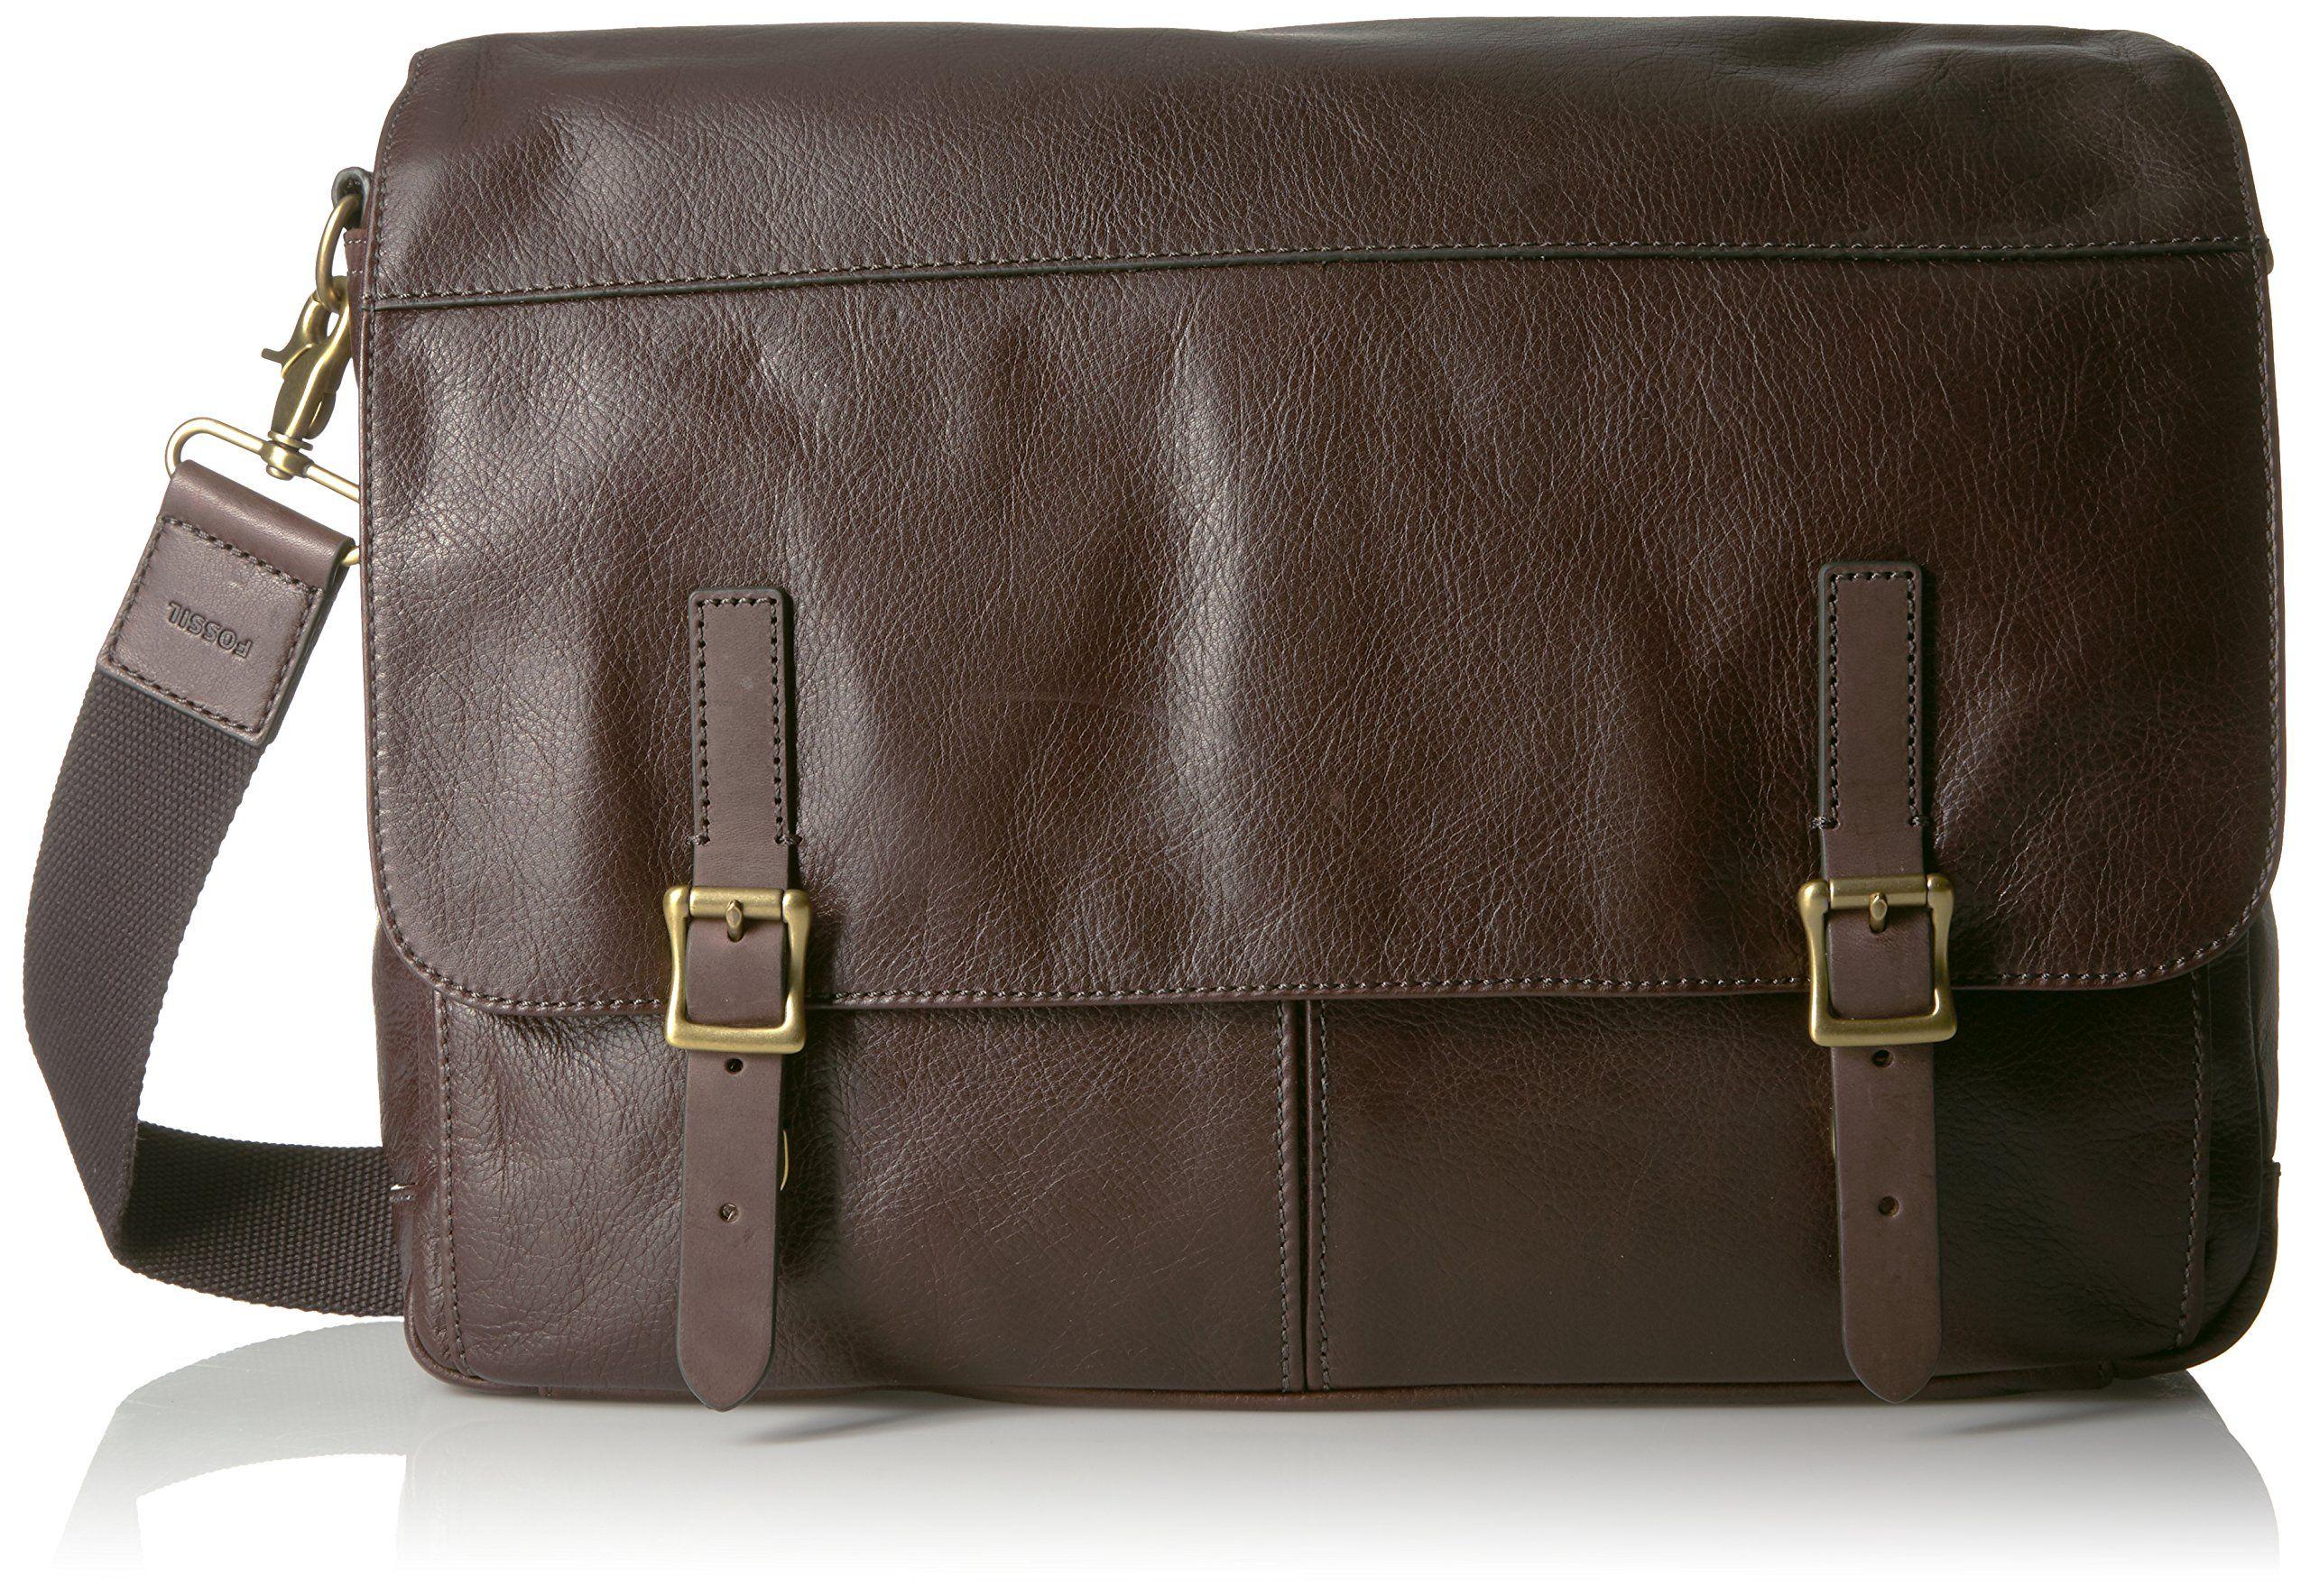 Fossil Men S Defender Leather Messenger Bag Dark Brown Bags